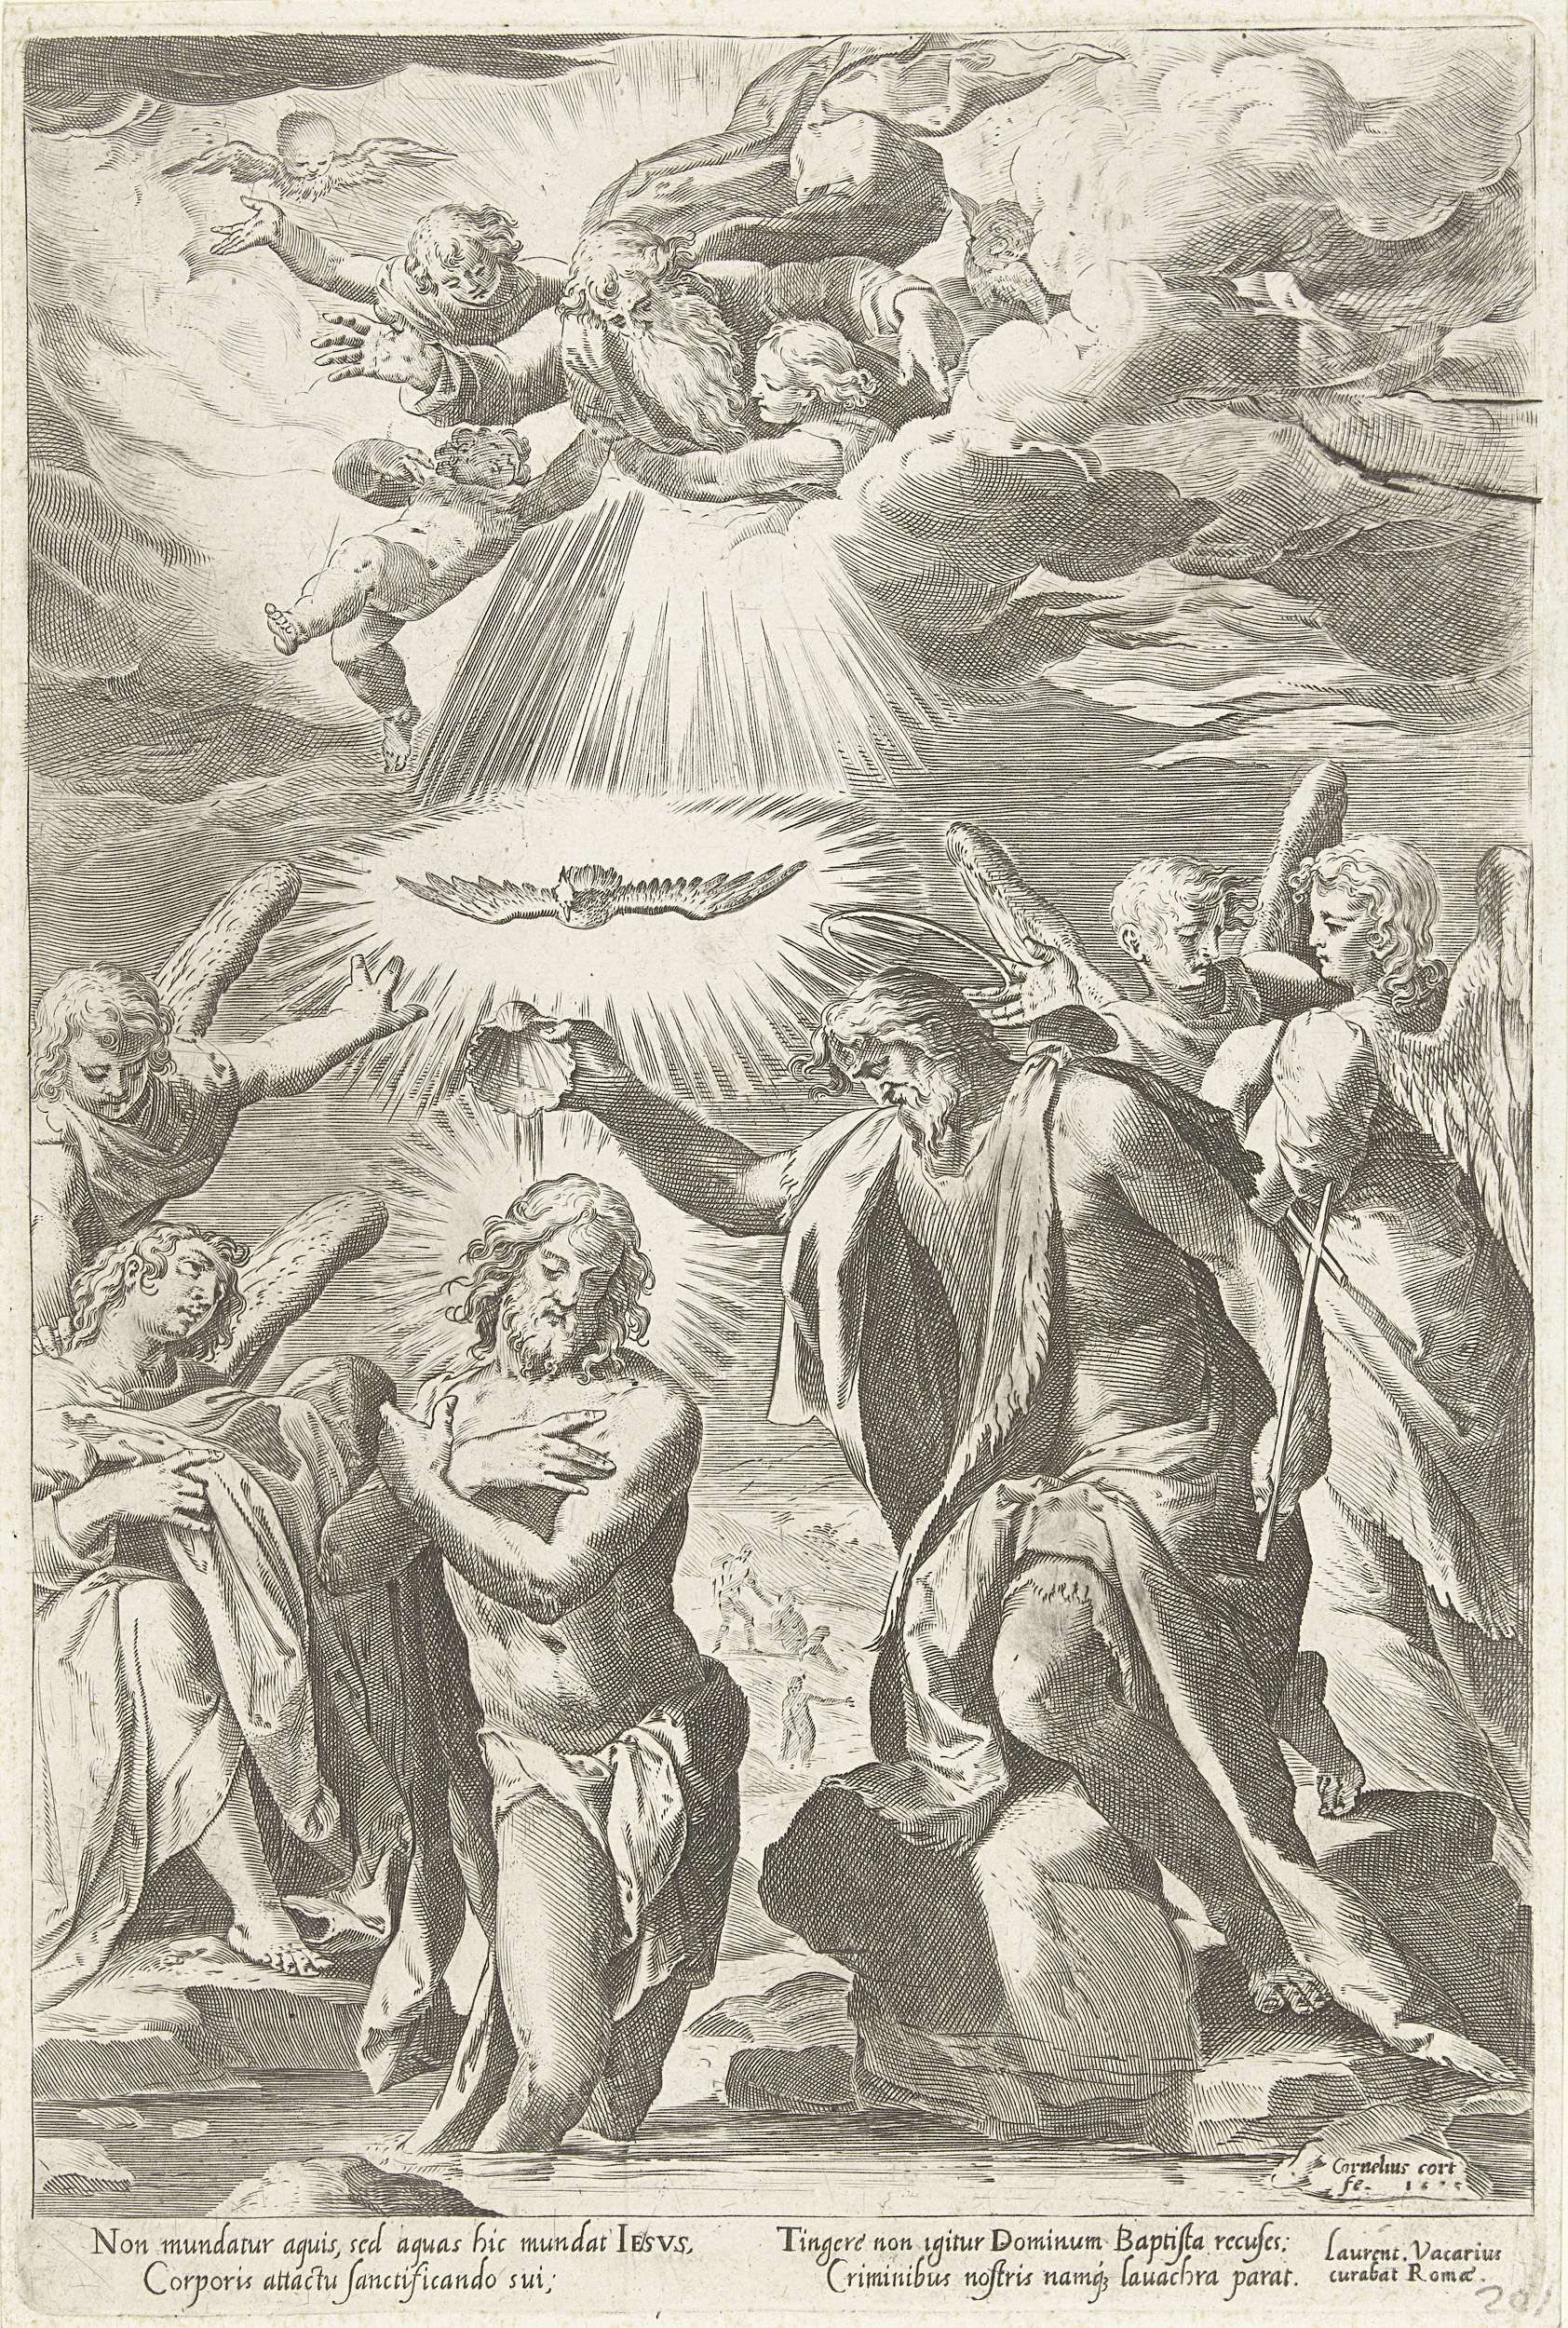 Cornelis Cort | Doop van Christus in de Jordaan, Cornelis Cort, Francesco Salviati, Laurentius Vacarius, after 1575 | Christus staat met zijn voeten in het water van de rivier, de handen gevouwen voor de borst. Johannes de Doper giet water over zijn hoofd. Boven hem de H. Geest in de gedaante van een duif en God als oude man, met engeltjes in een lichtgevende wolk. Vier engelen kijken toe.